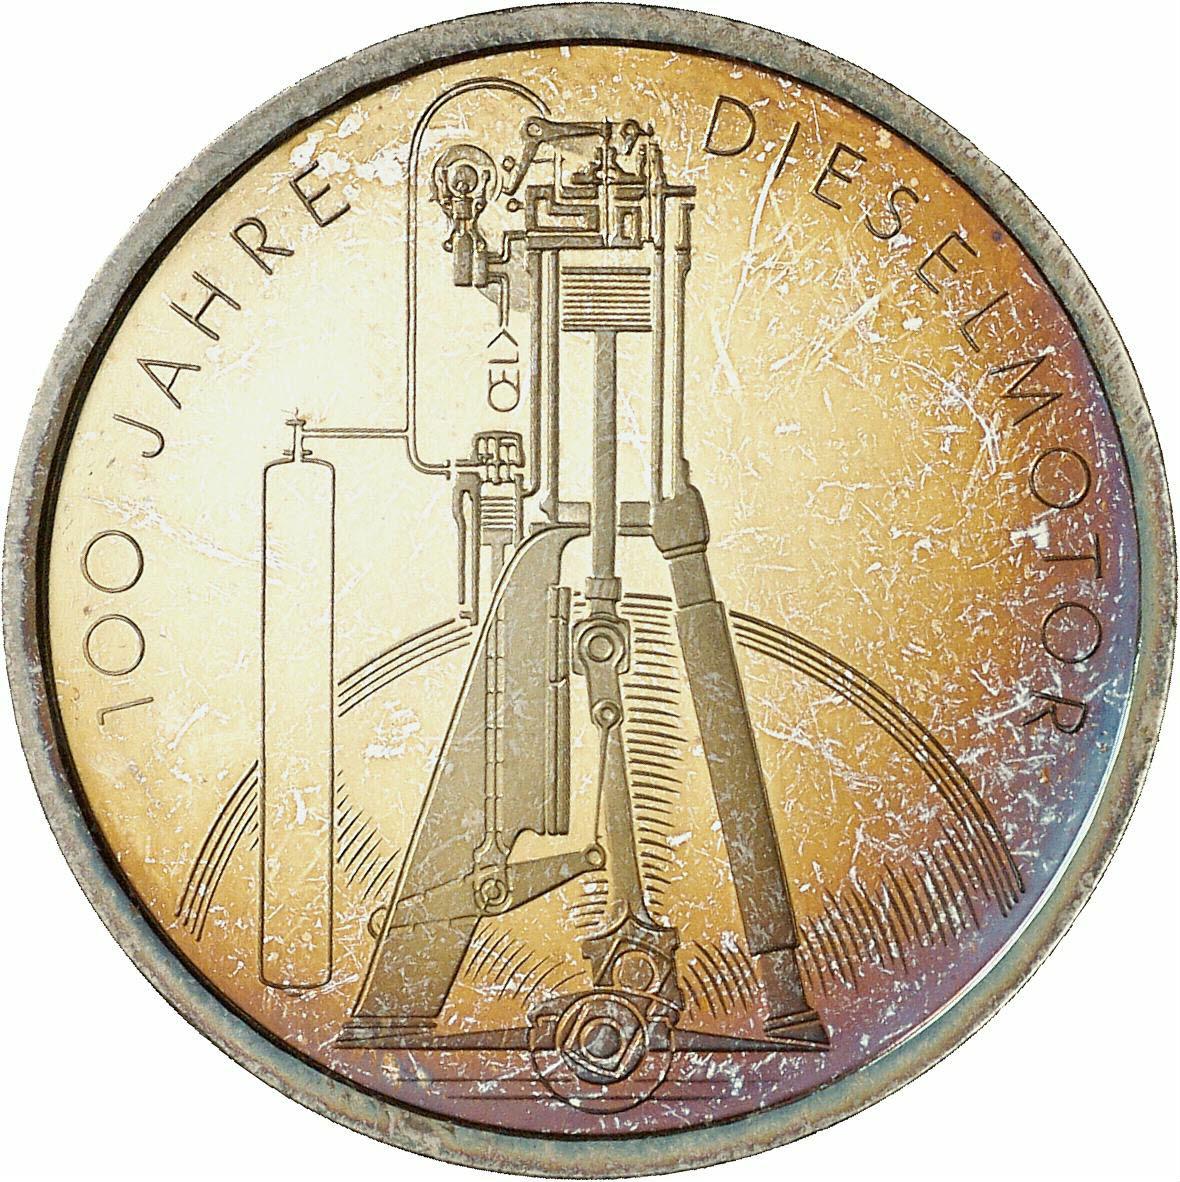 DE 10 Deutsche Mark 1997 D